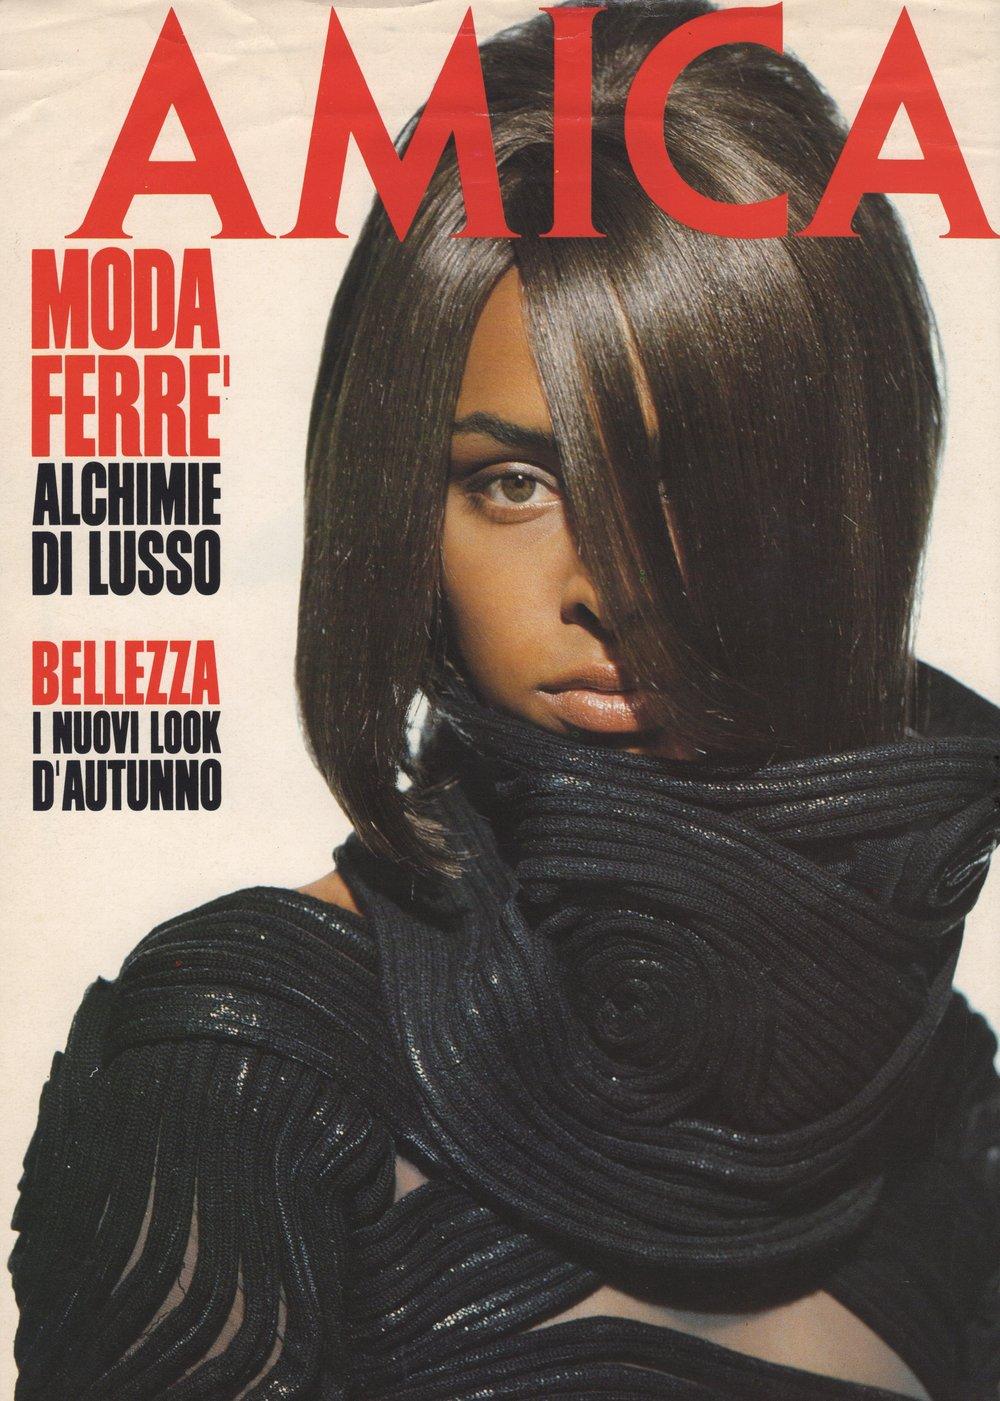 Amica 1991 copy.jpeg